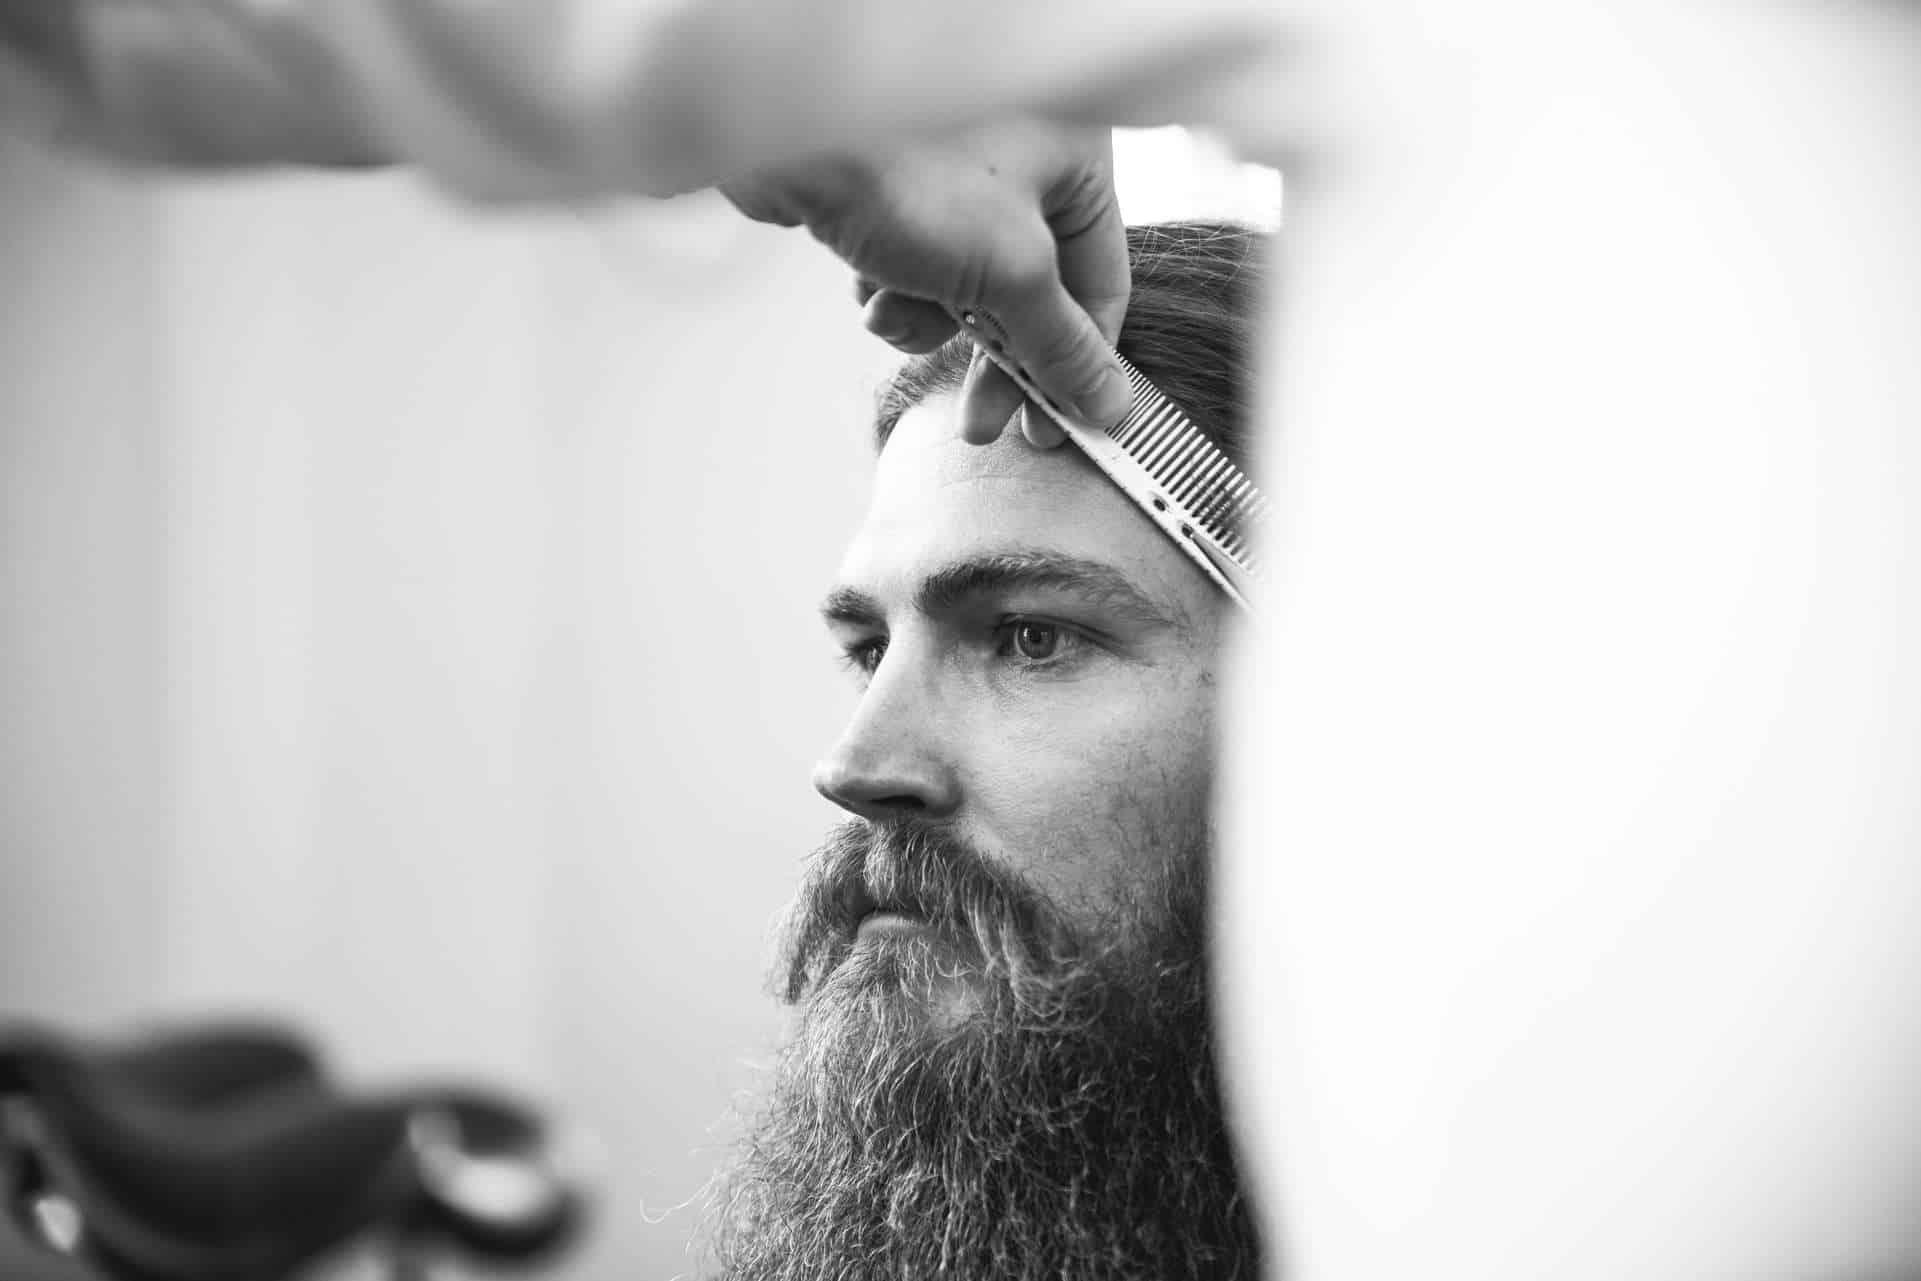 Steinzeit Barber Shop Image Fotografie